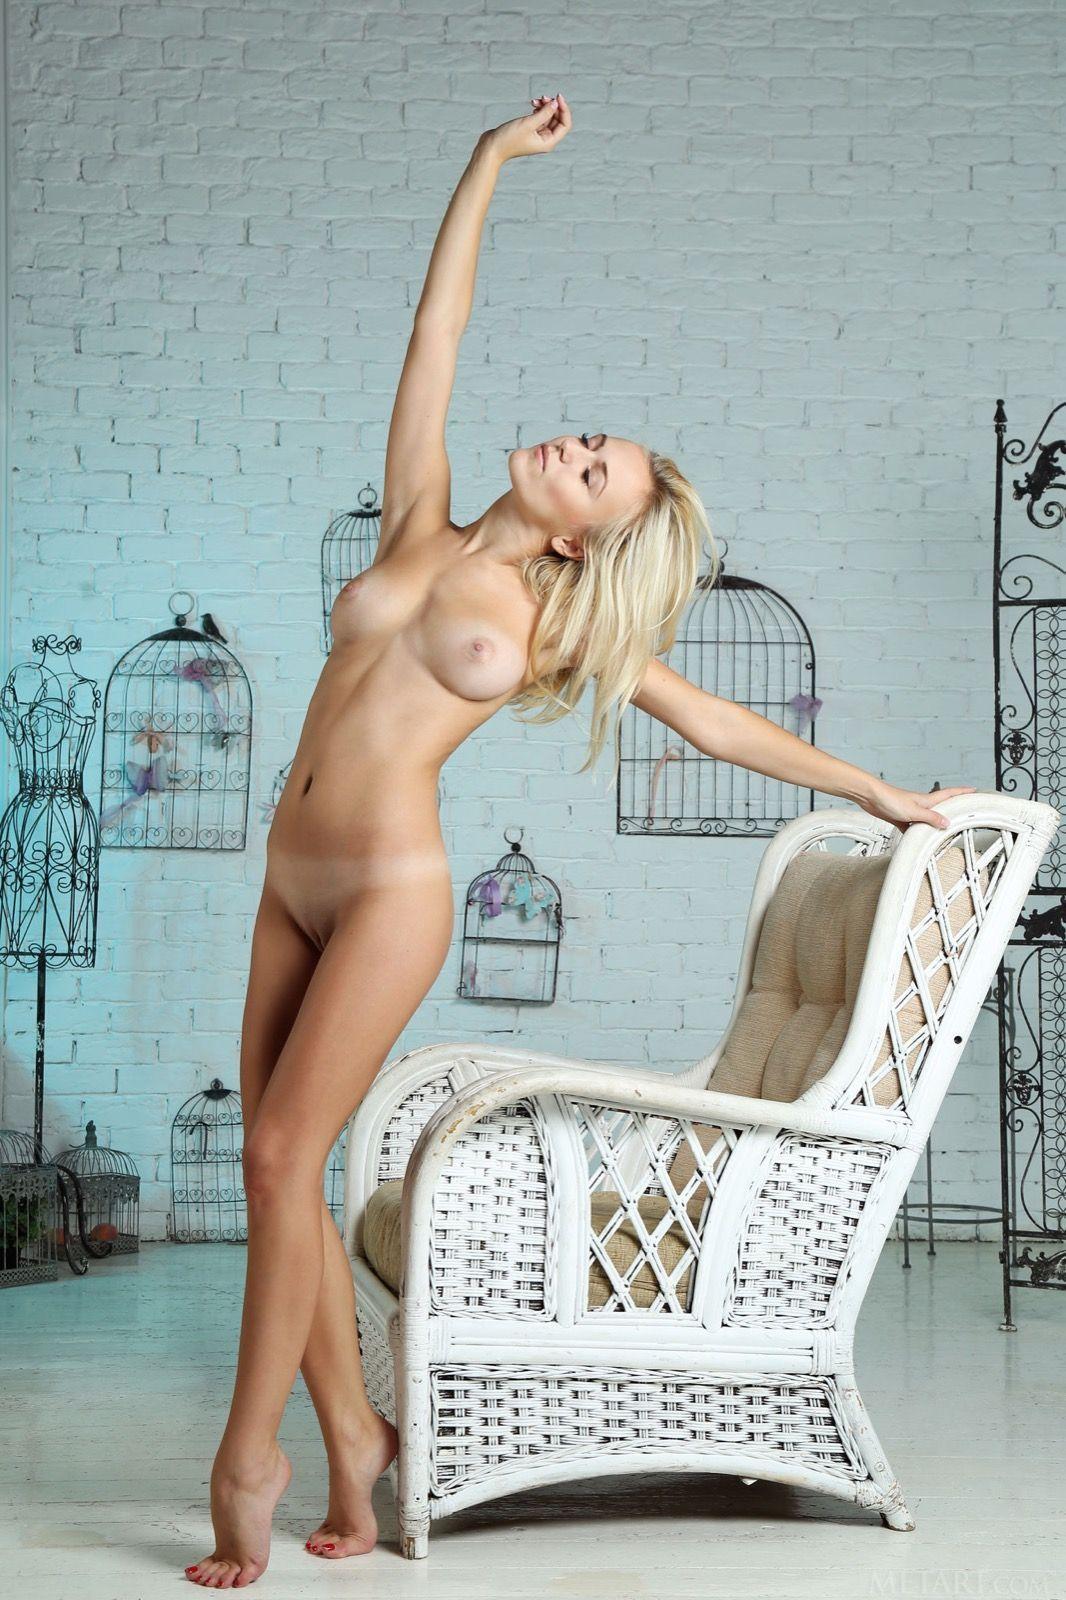 fotos-porno-ucraniana-gostosa-4